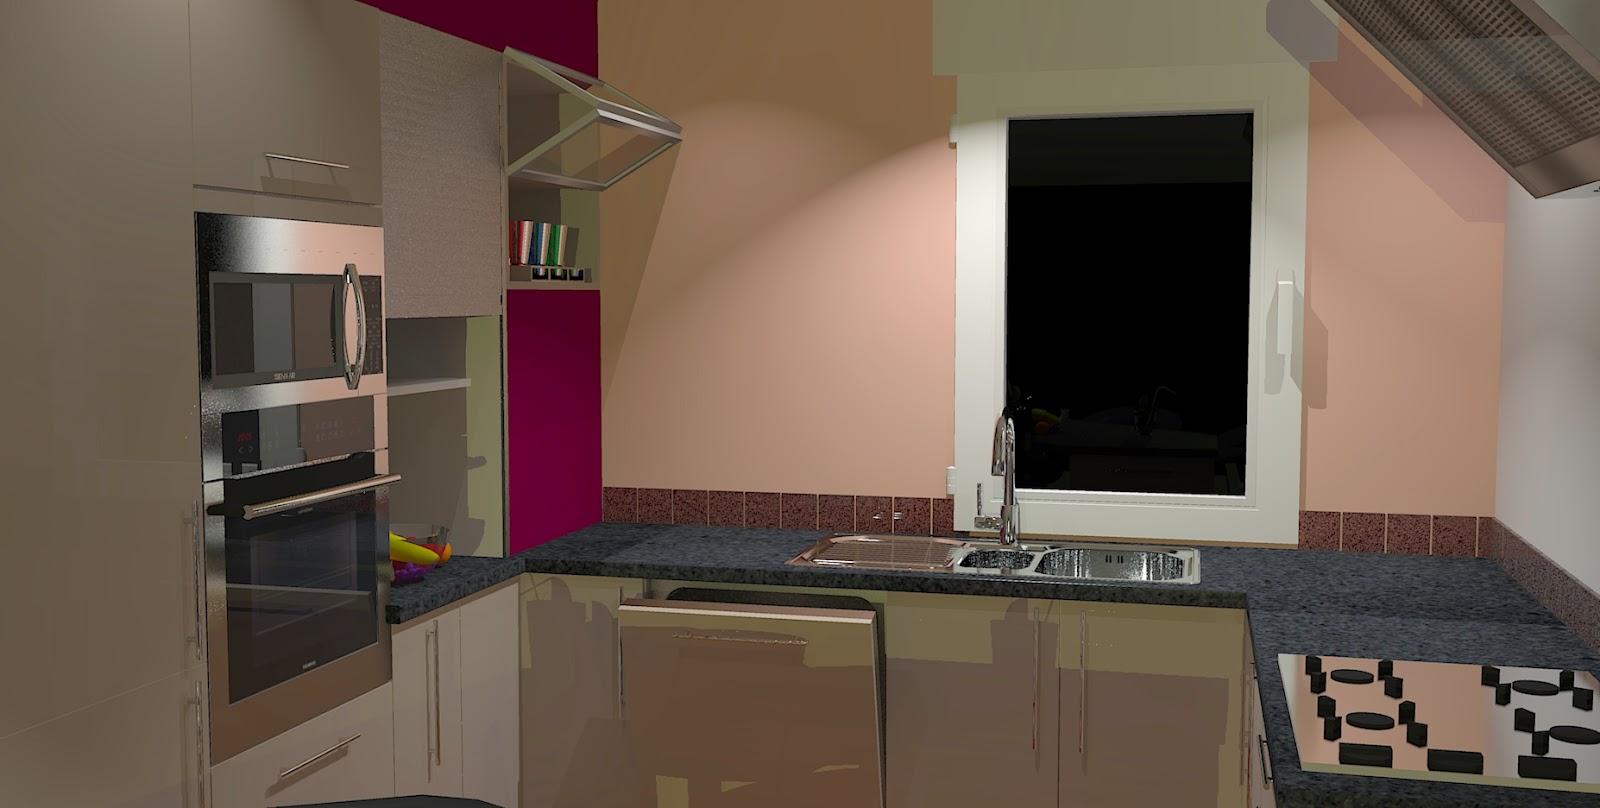 Cuisines et bain kitchens and bath projet r alis avec for Cuisine 3d sketchup